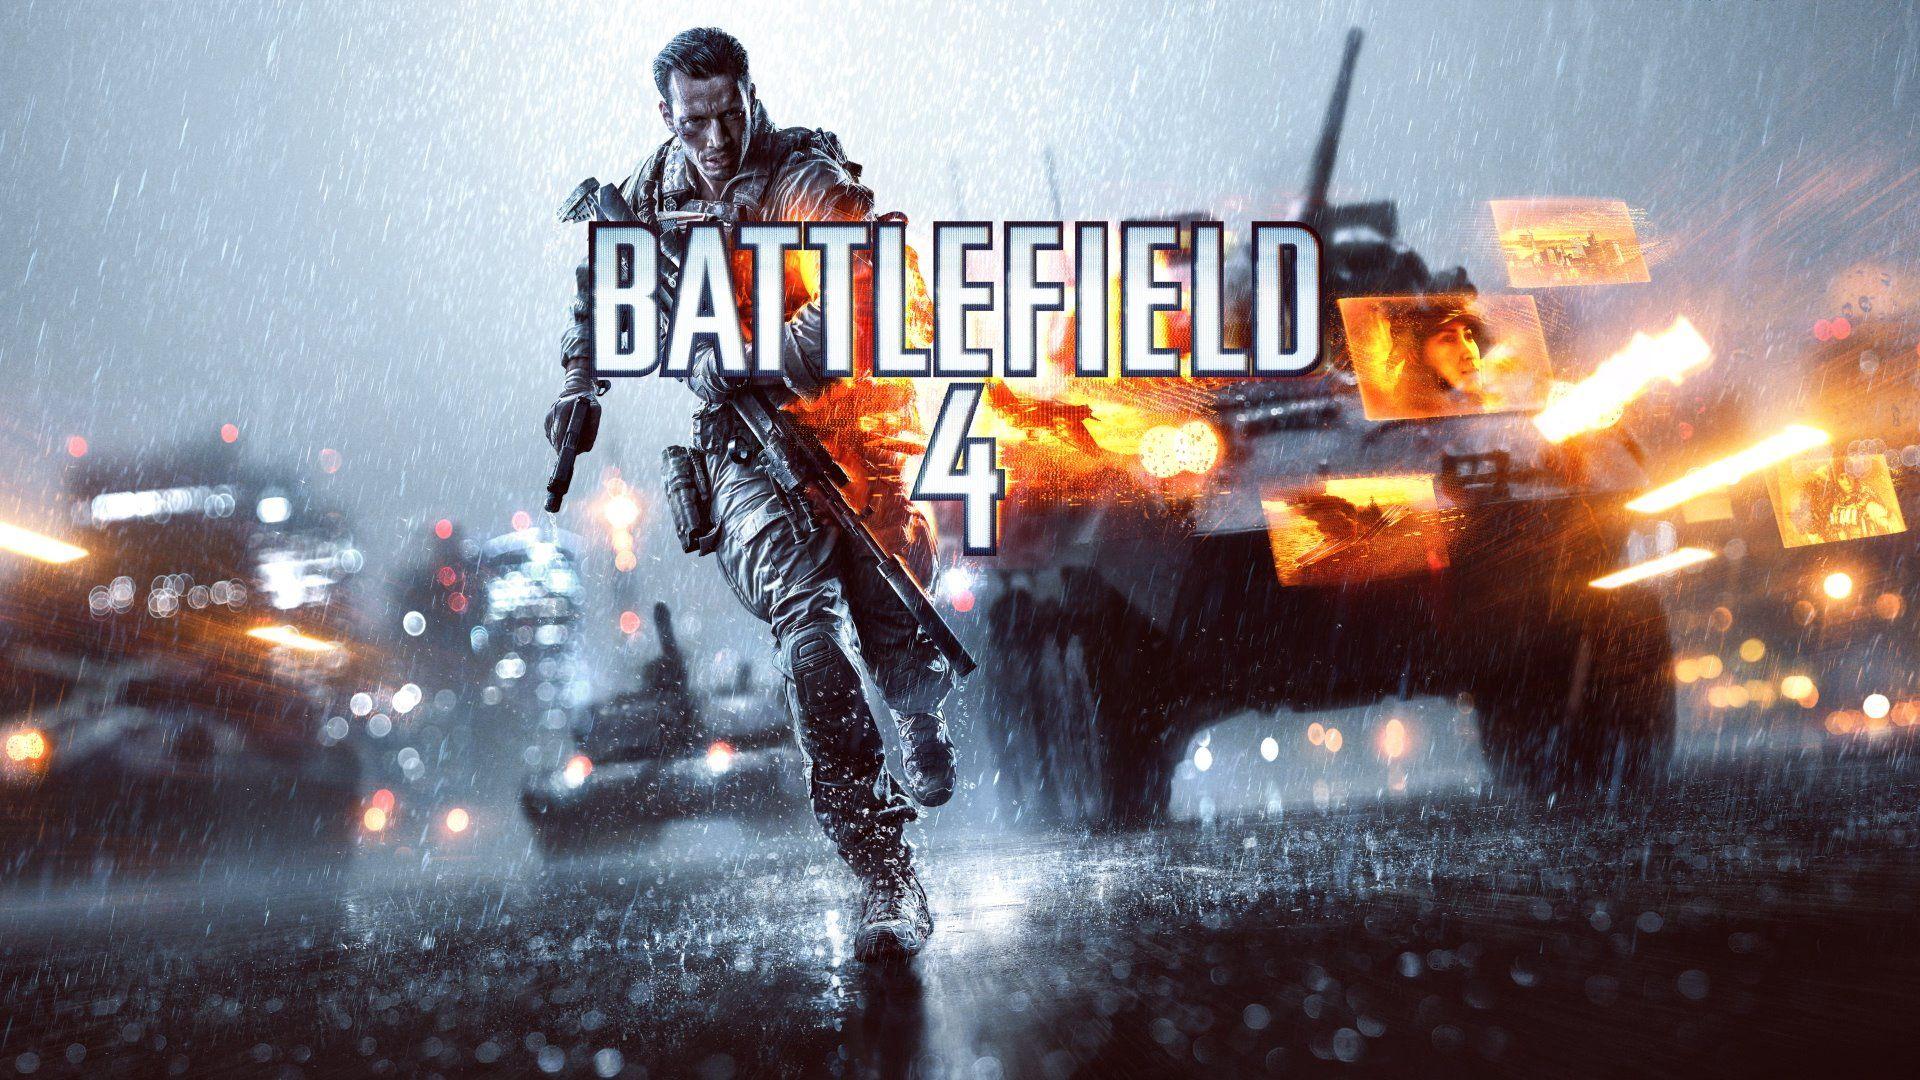 Battlefeild 4 Battlefield 4 Battlefield Video Games